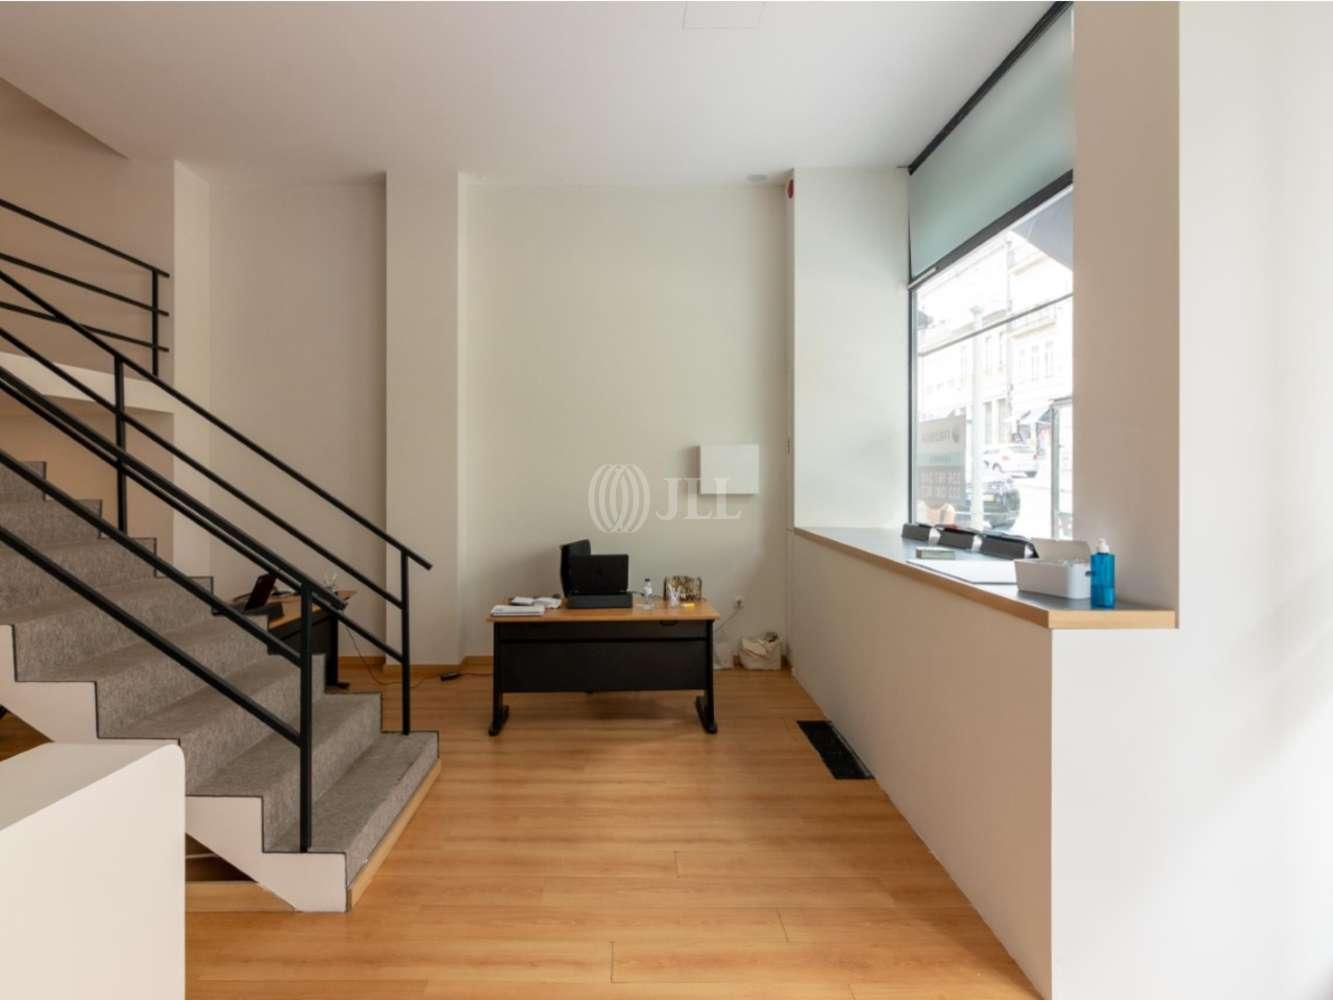 Loja Porto,  - Loja de dois pisos em plena Baixa do Porto